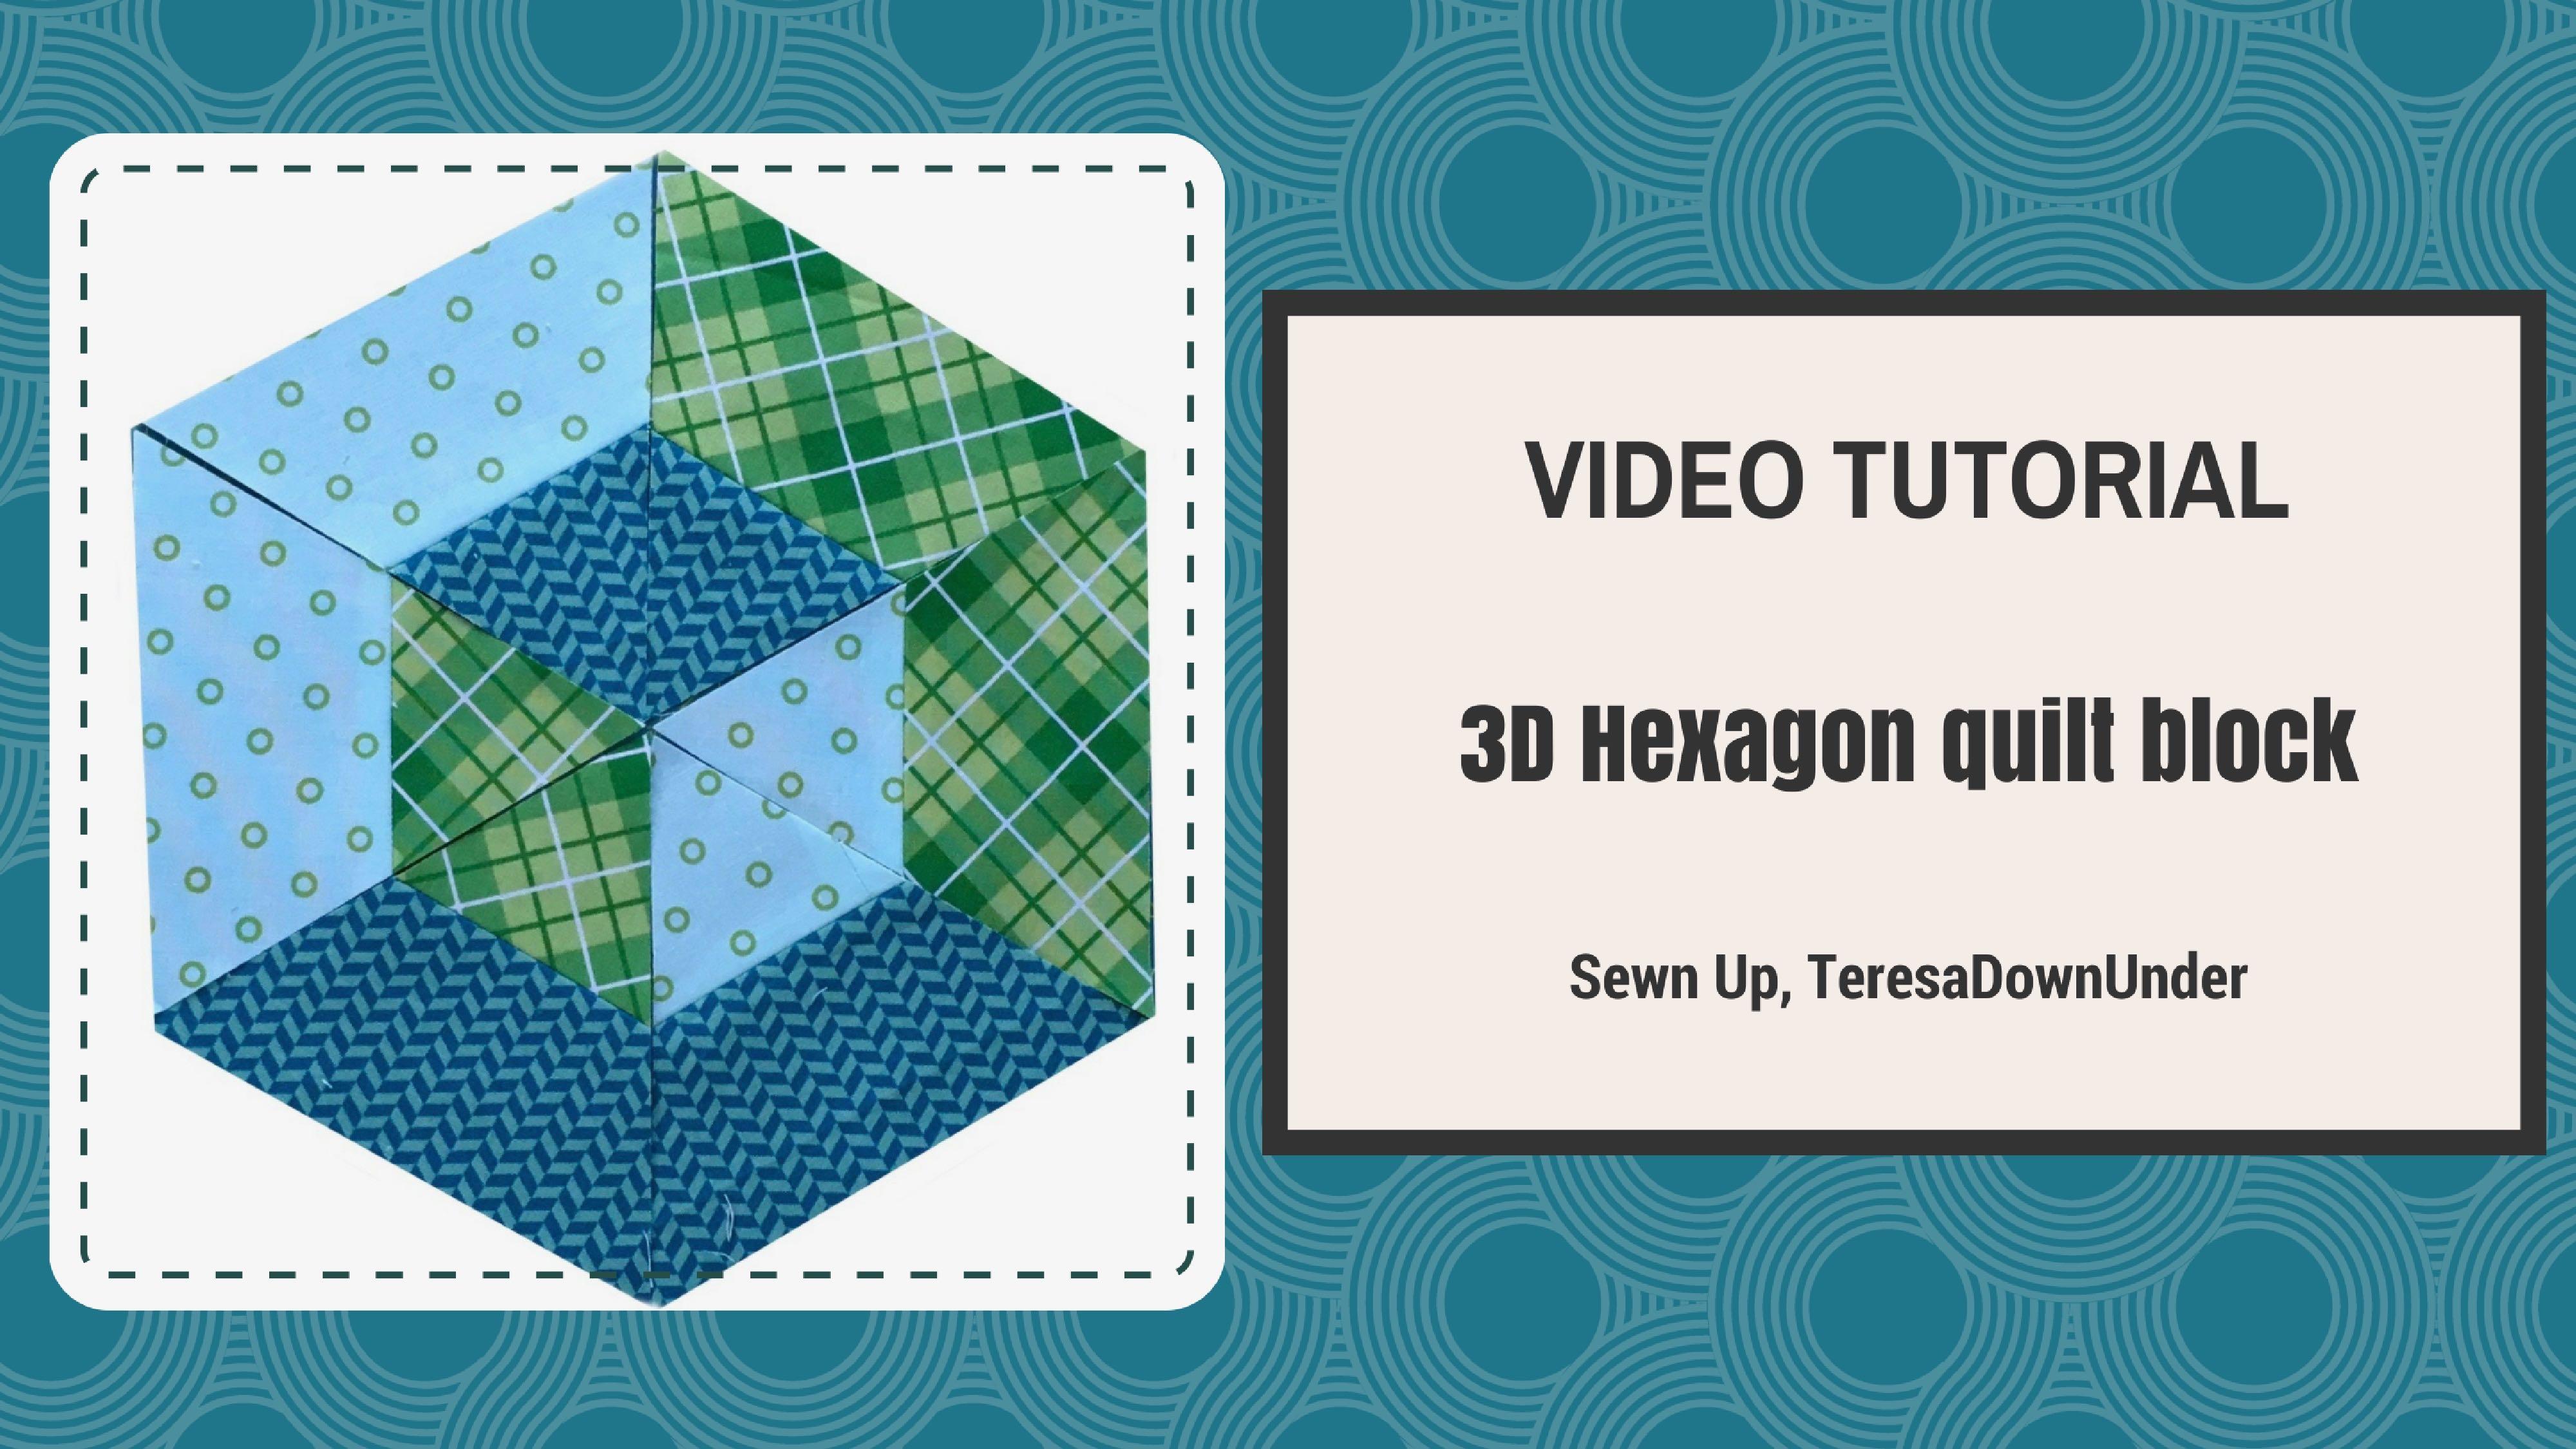 2-minute video tutorial: 3D hexagon quilt block | Sewn Up